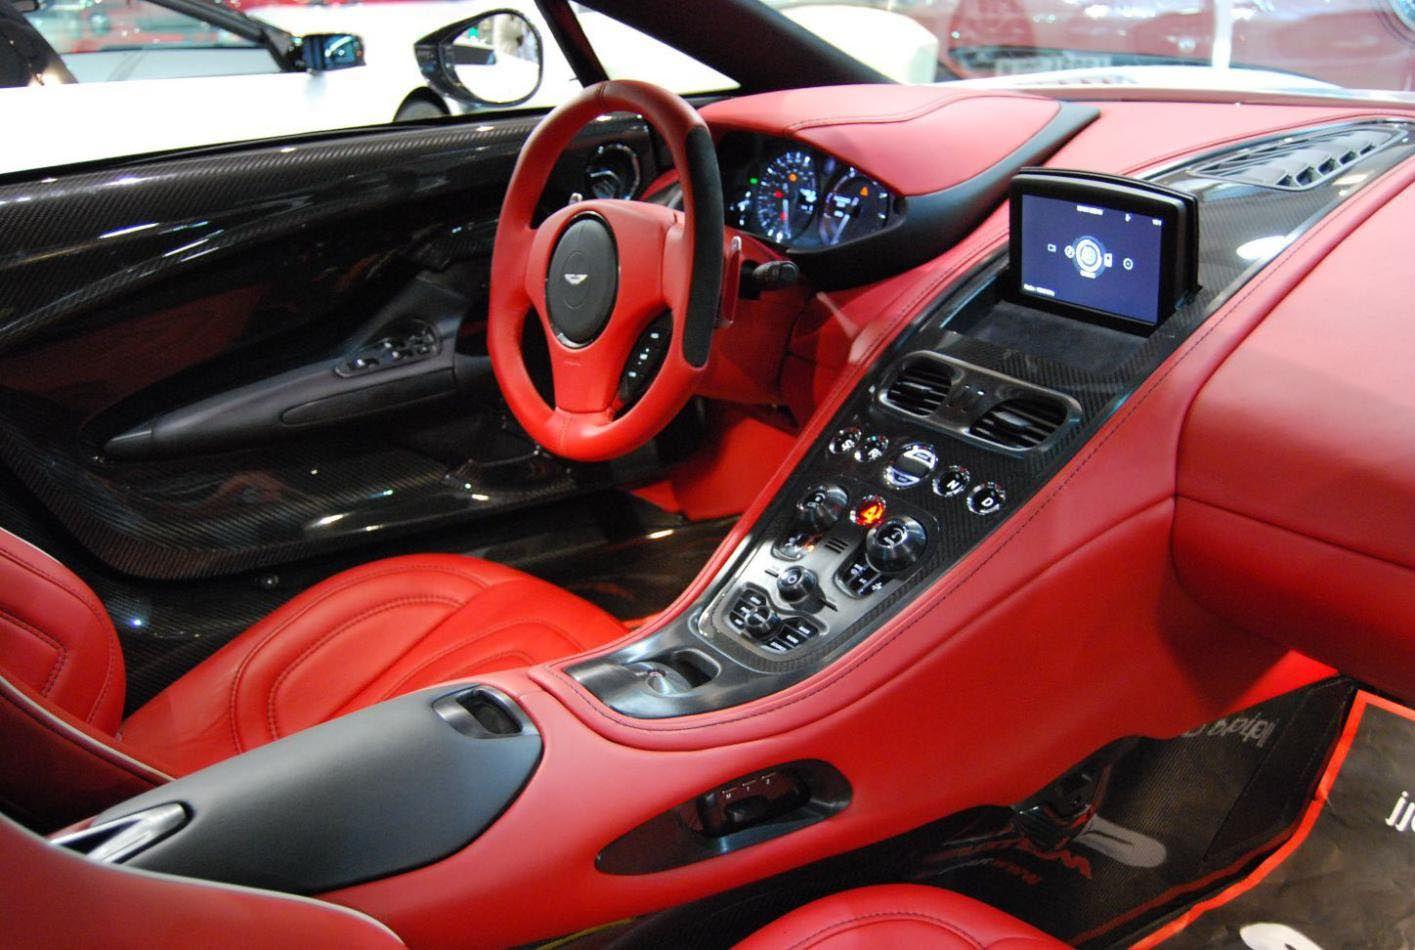 Review Aston Martin One 77 Aston Martin Aston Martin Interior Aston